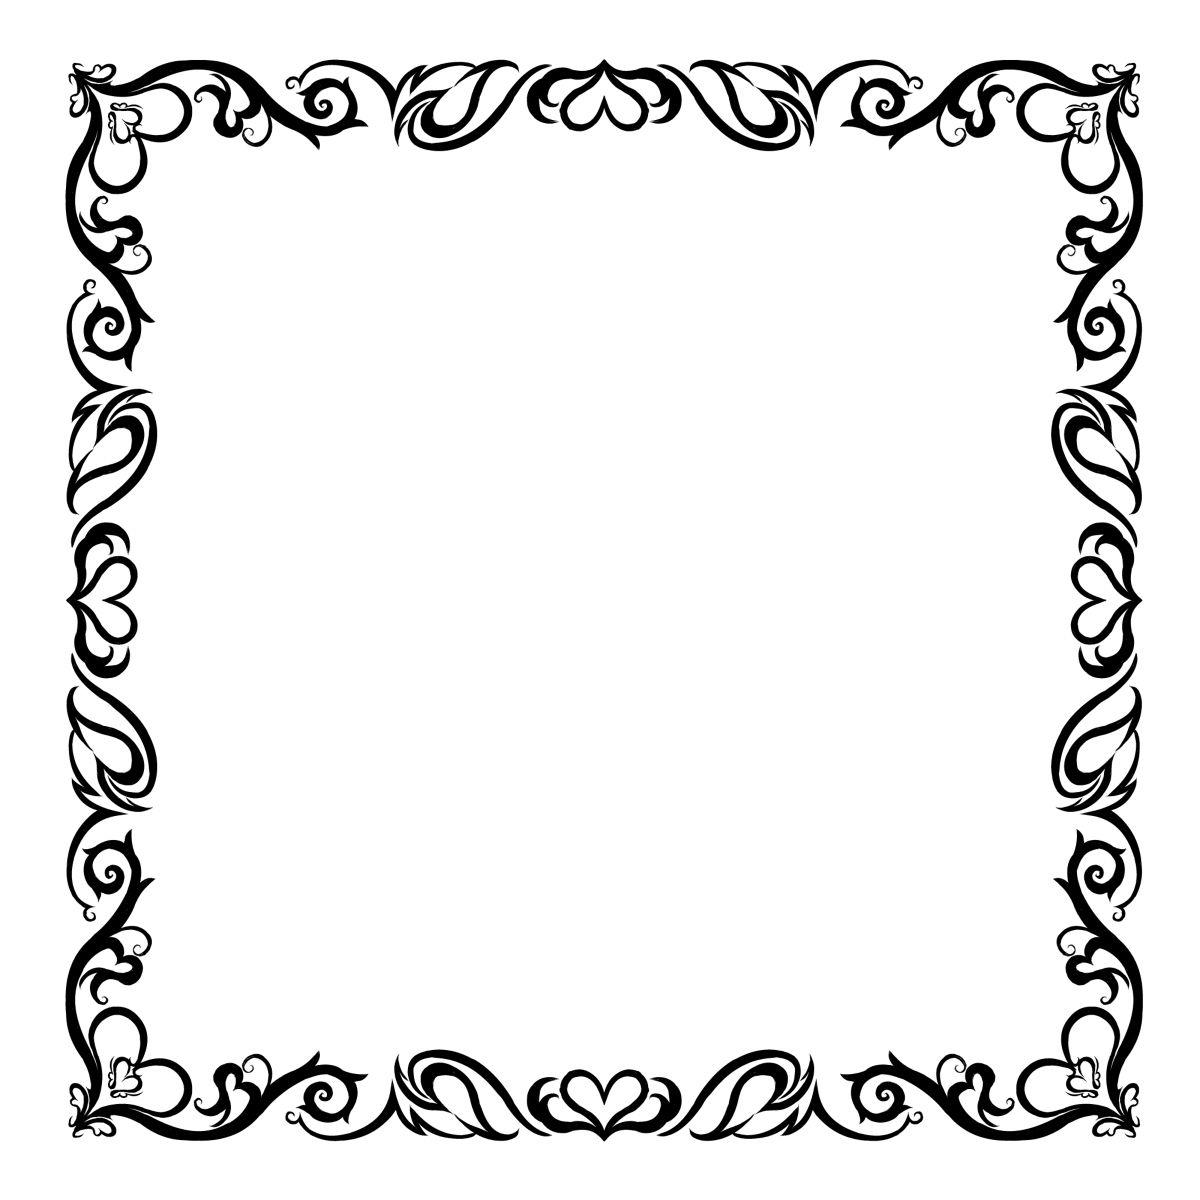 装饰边框素材